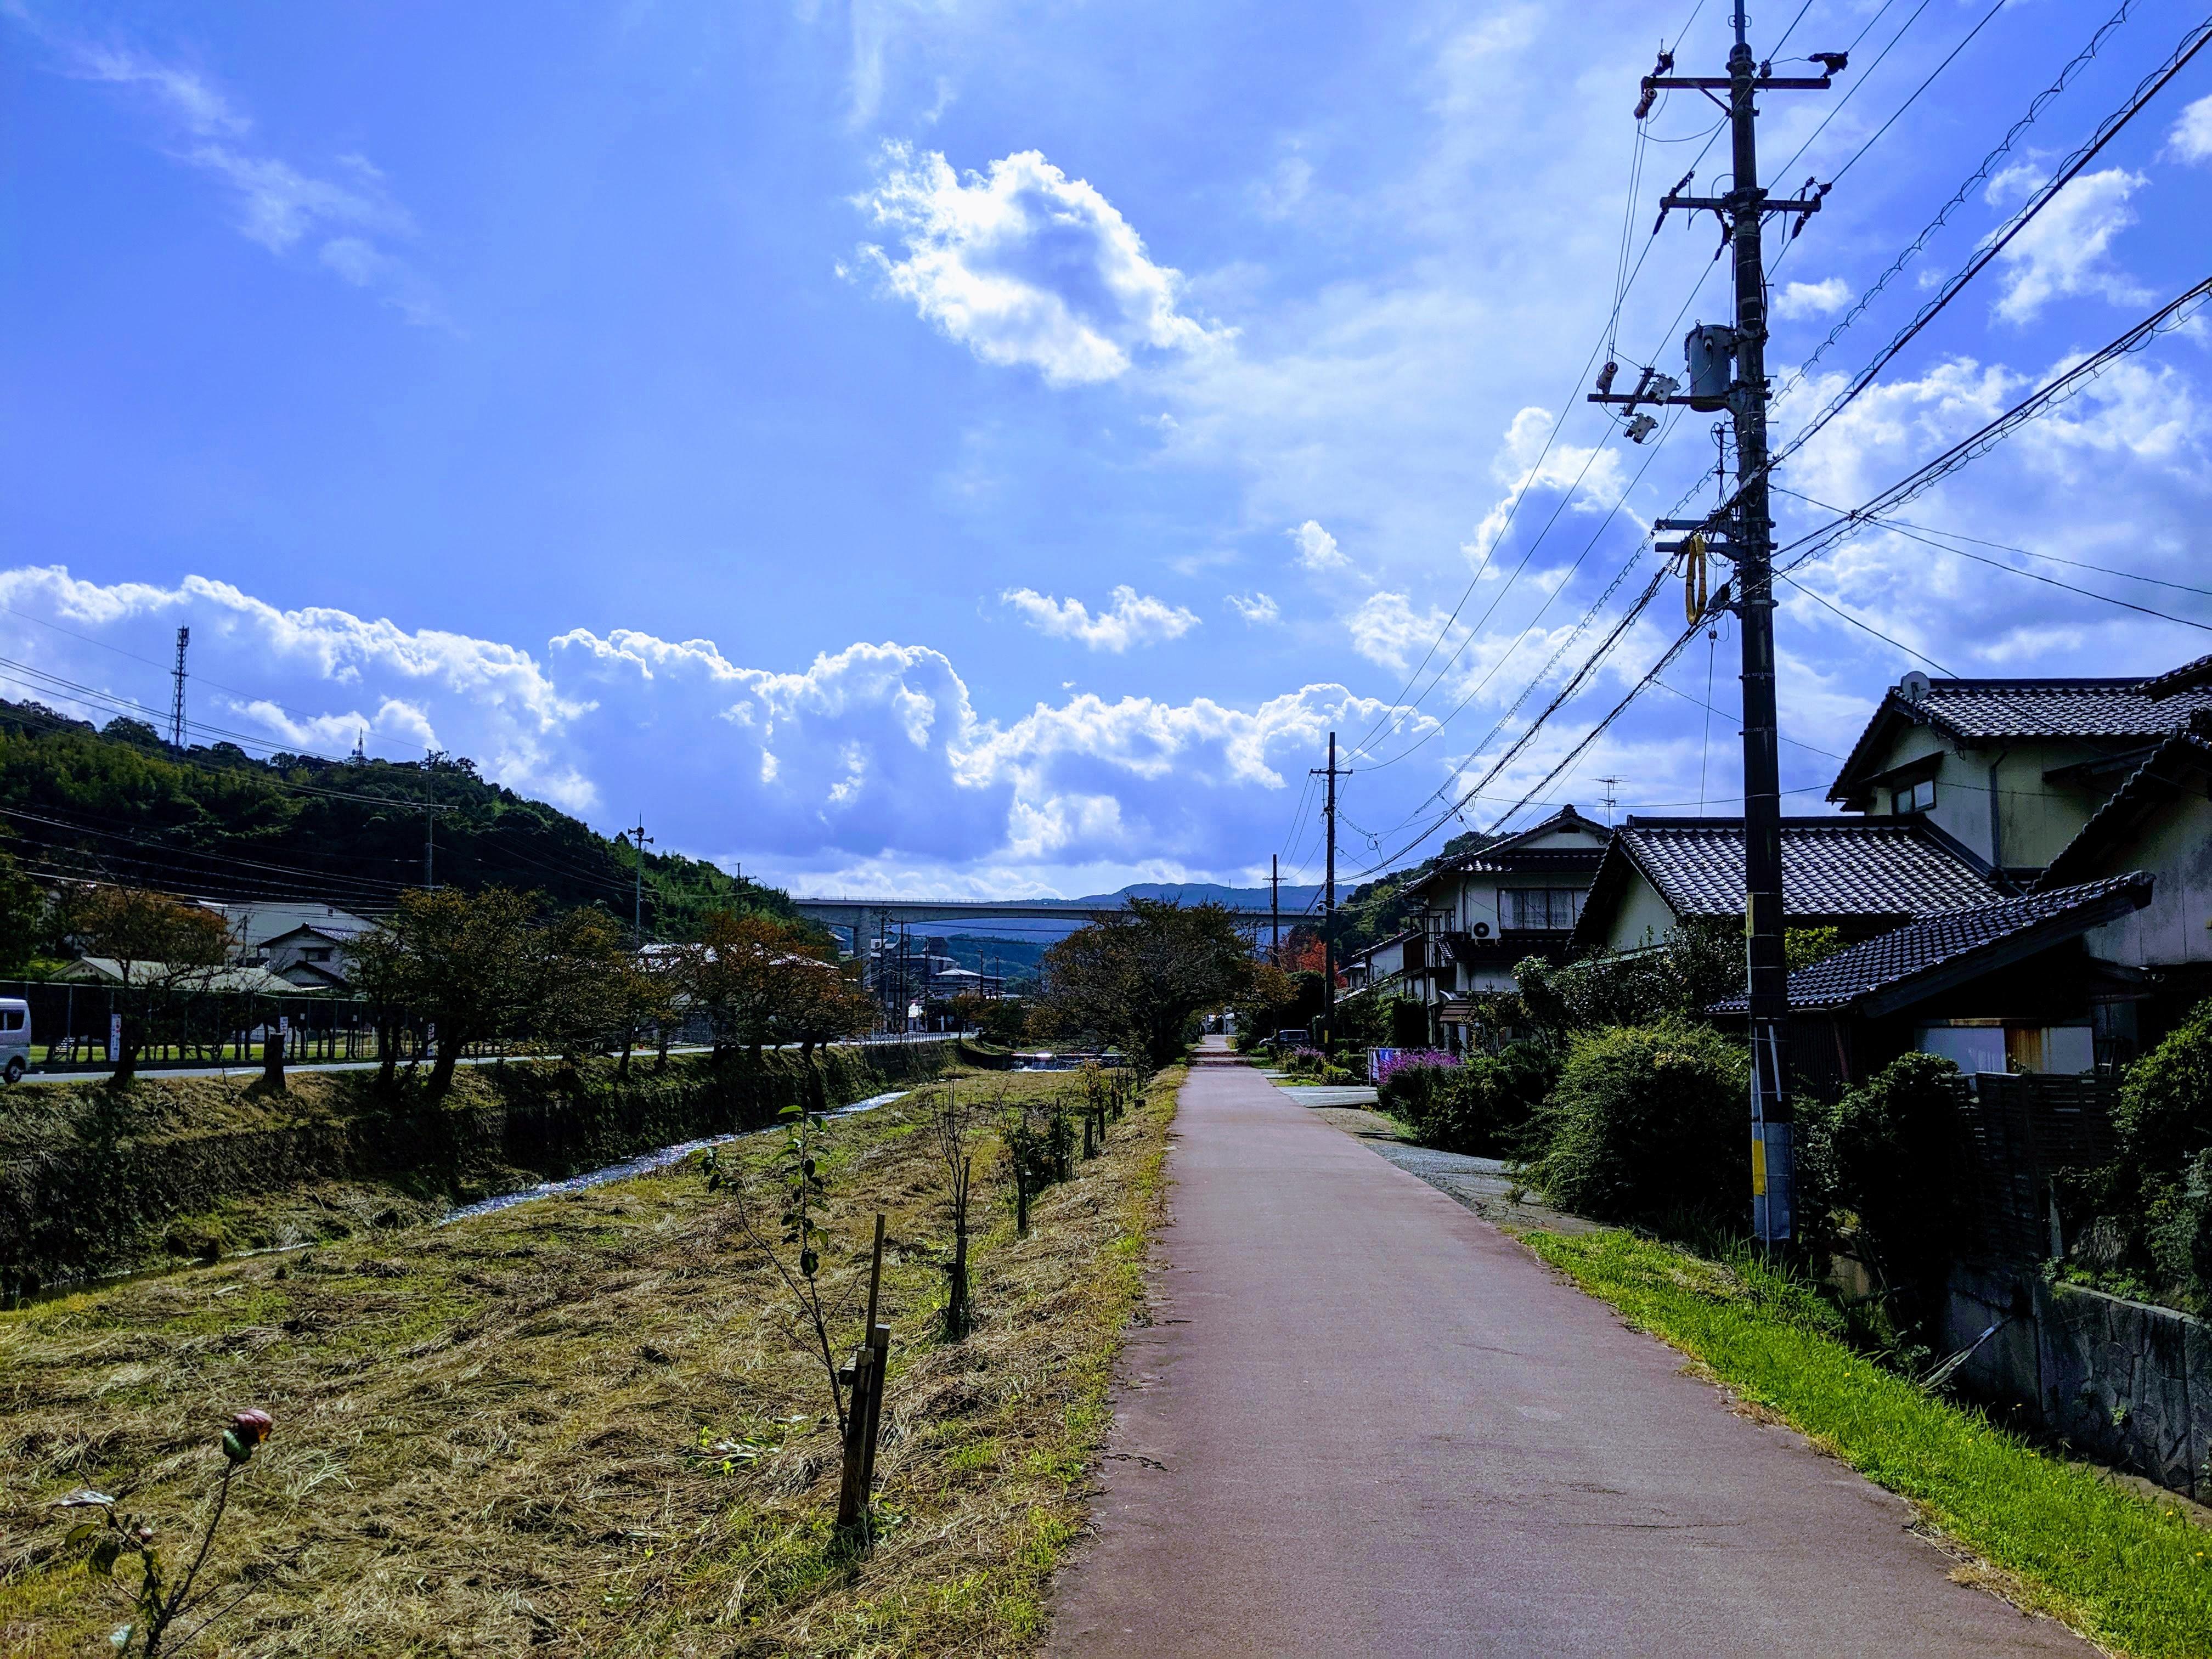 f:id:kailagi:20191028105239j:image